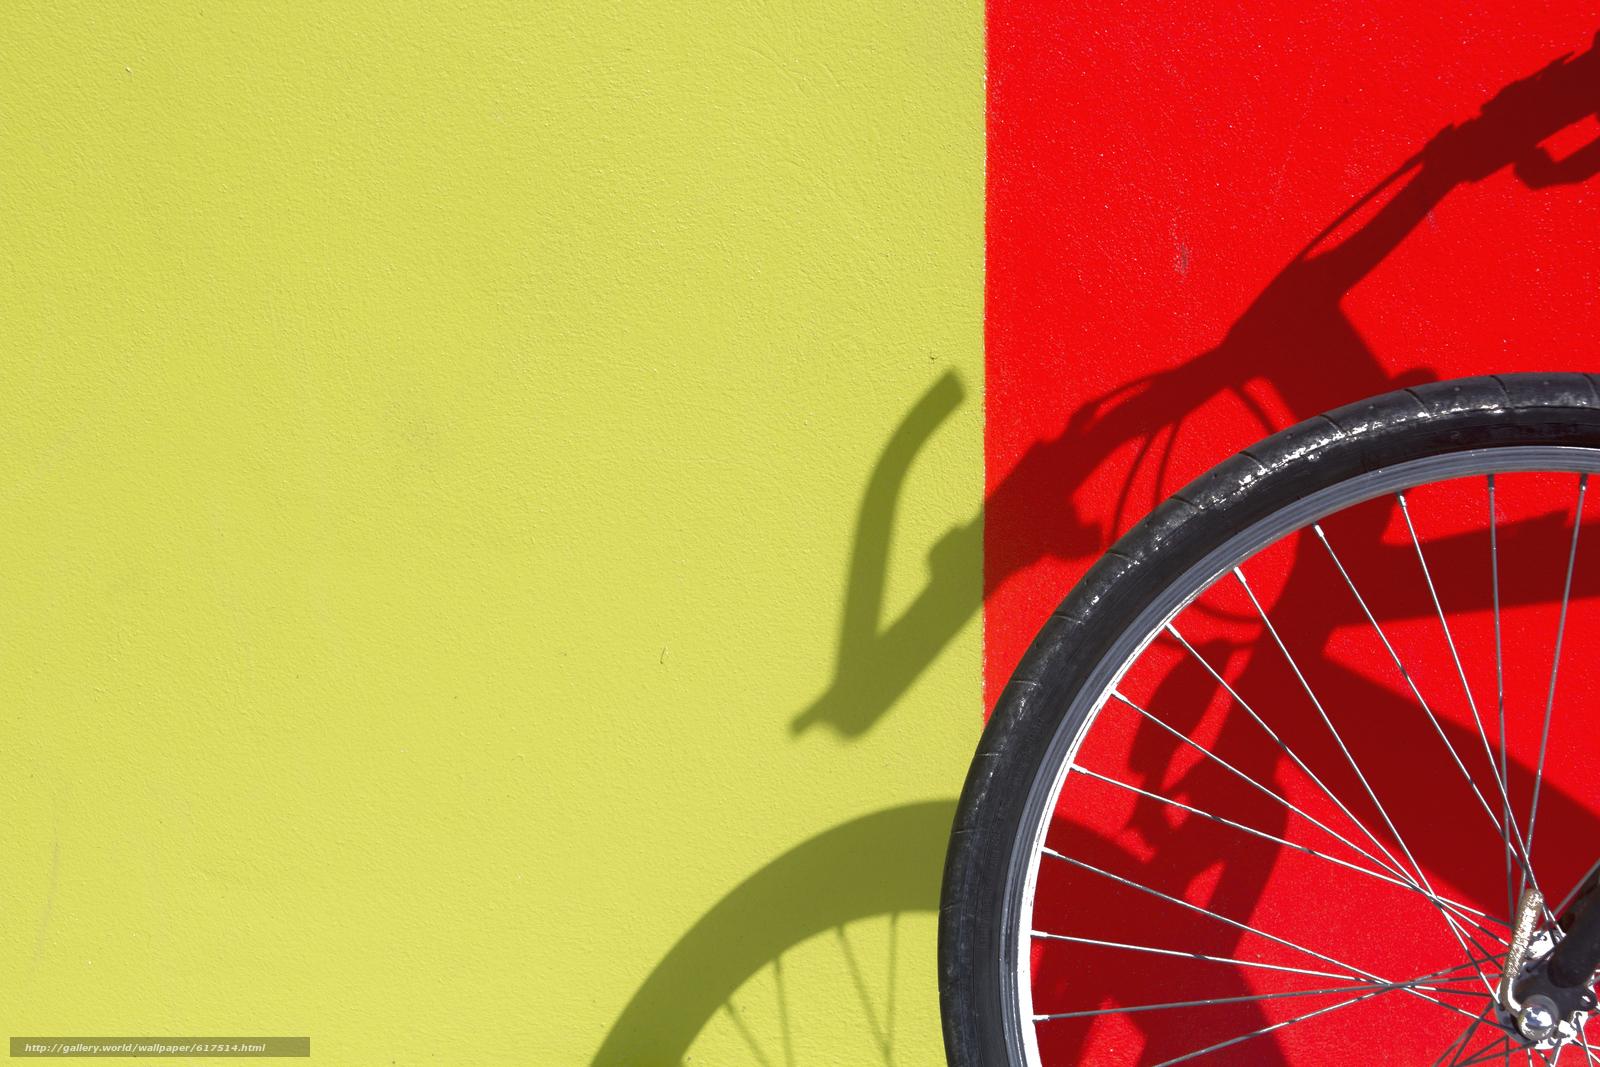 Скачать на телефон обои фото картинку на тему стена, жёлтый, красный, тень, велосипед, колесо, разширение 5184x3456